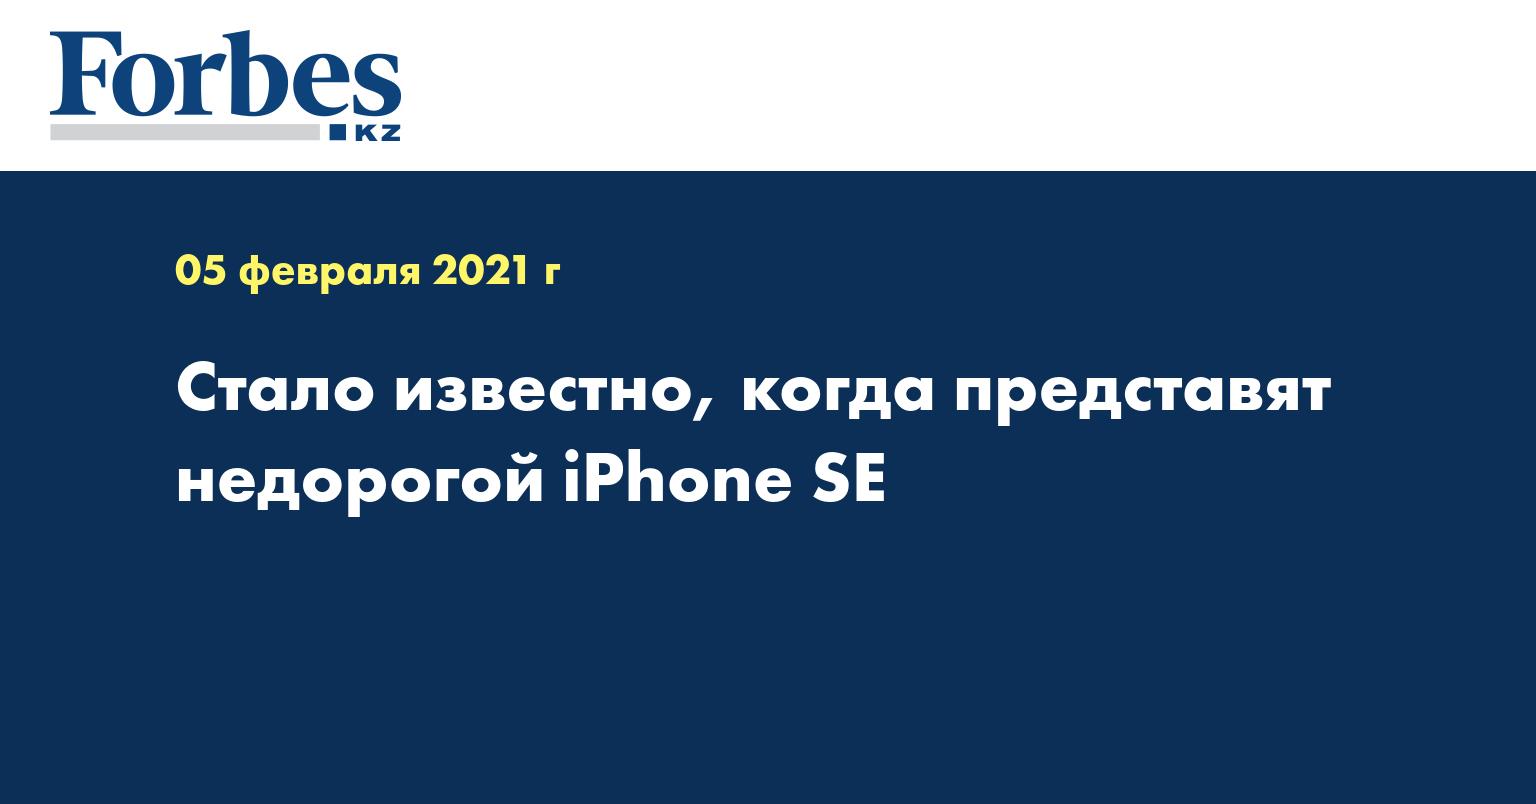 Стало известно, когда представят недорогой iPhone SE